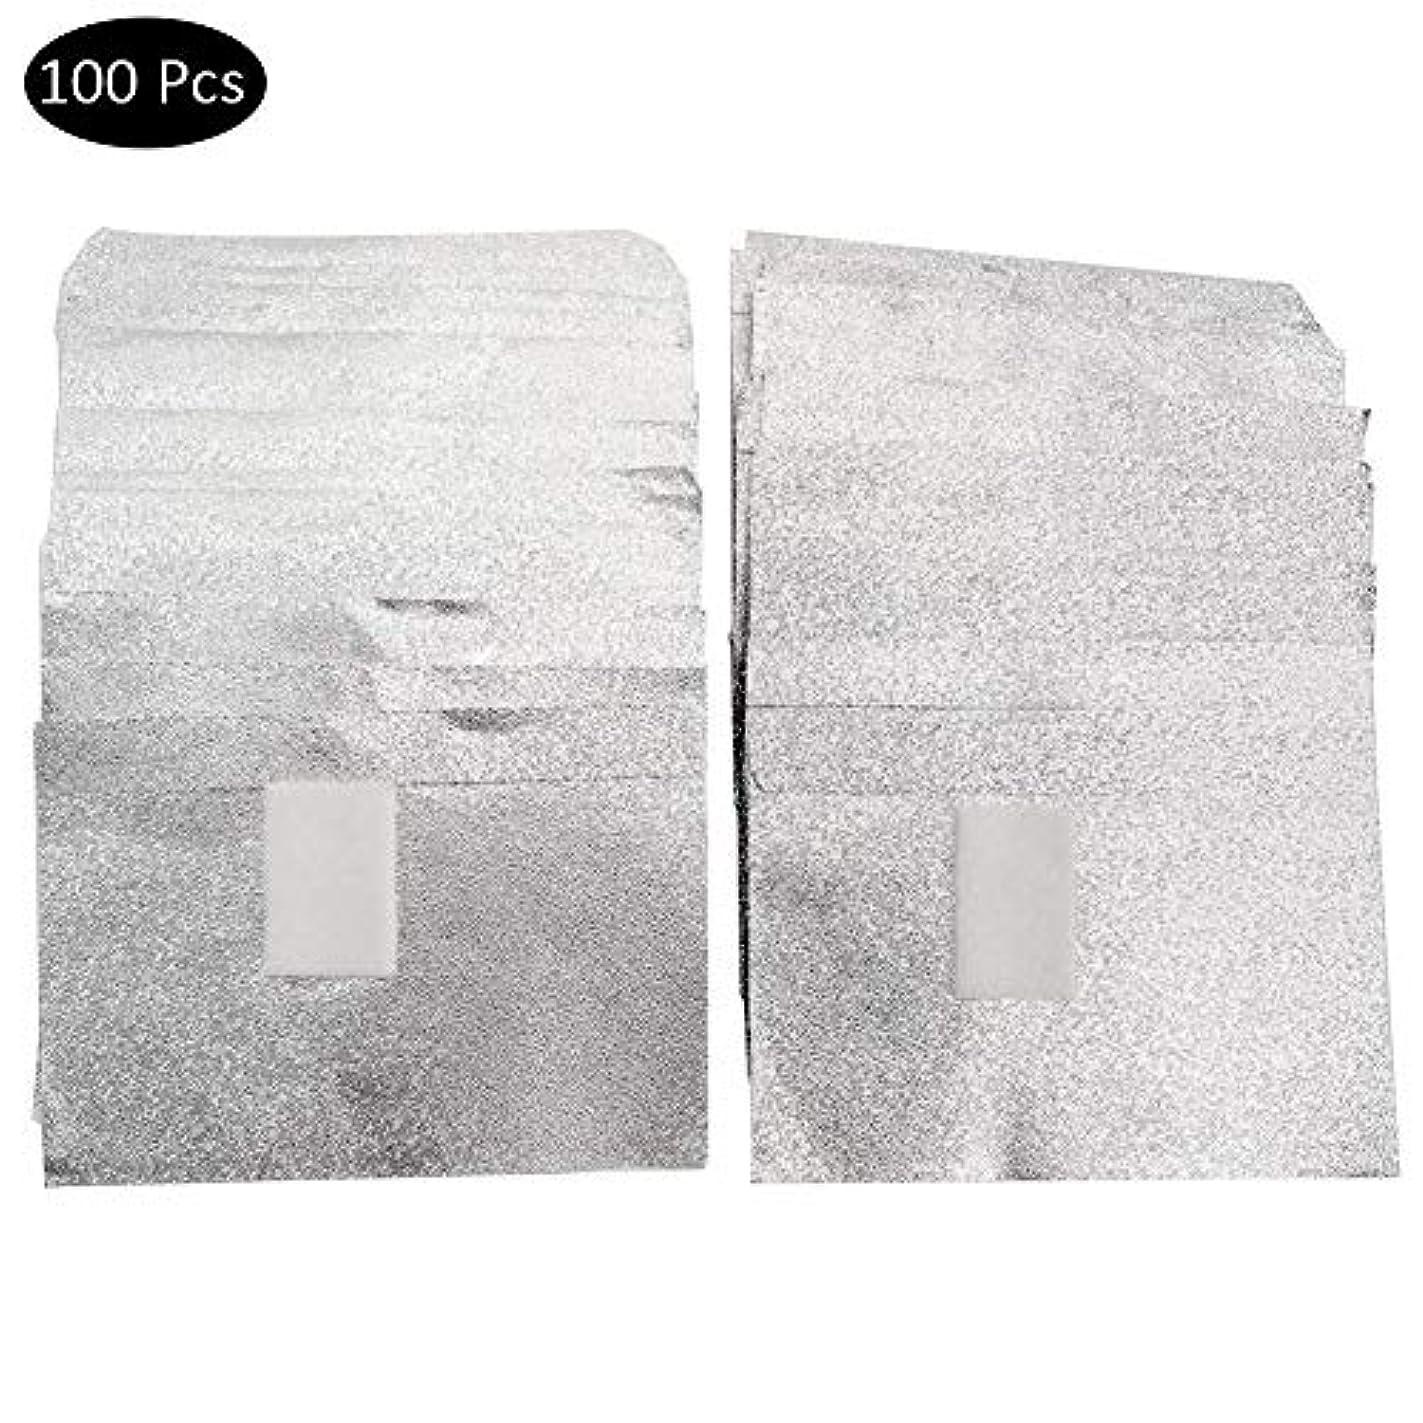 構成するミュージカル神話SILUN ネイルリムーバー錫箔ネイルポリッシュットン付きアルミホイル ジェル除却 使い捨て 爪マニキュア用品100枚入り使い捨て コットン付きアルミホイル ネイル用品 マニキュア用品